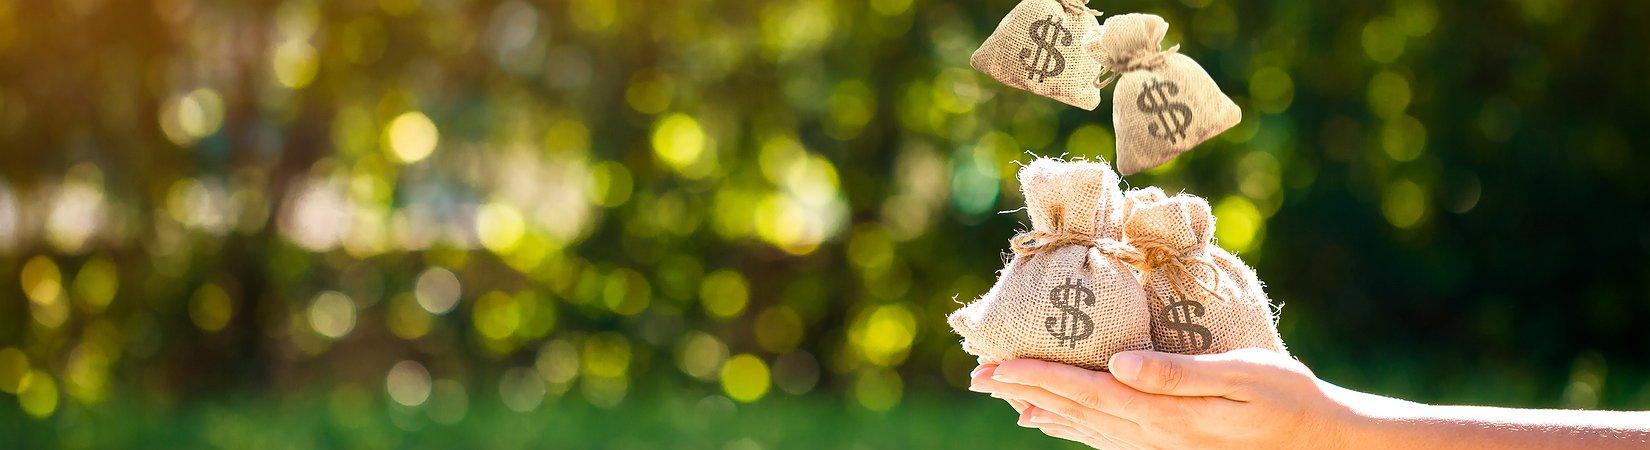 Как купить токены во время или после ICO: Пошаговое руководство